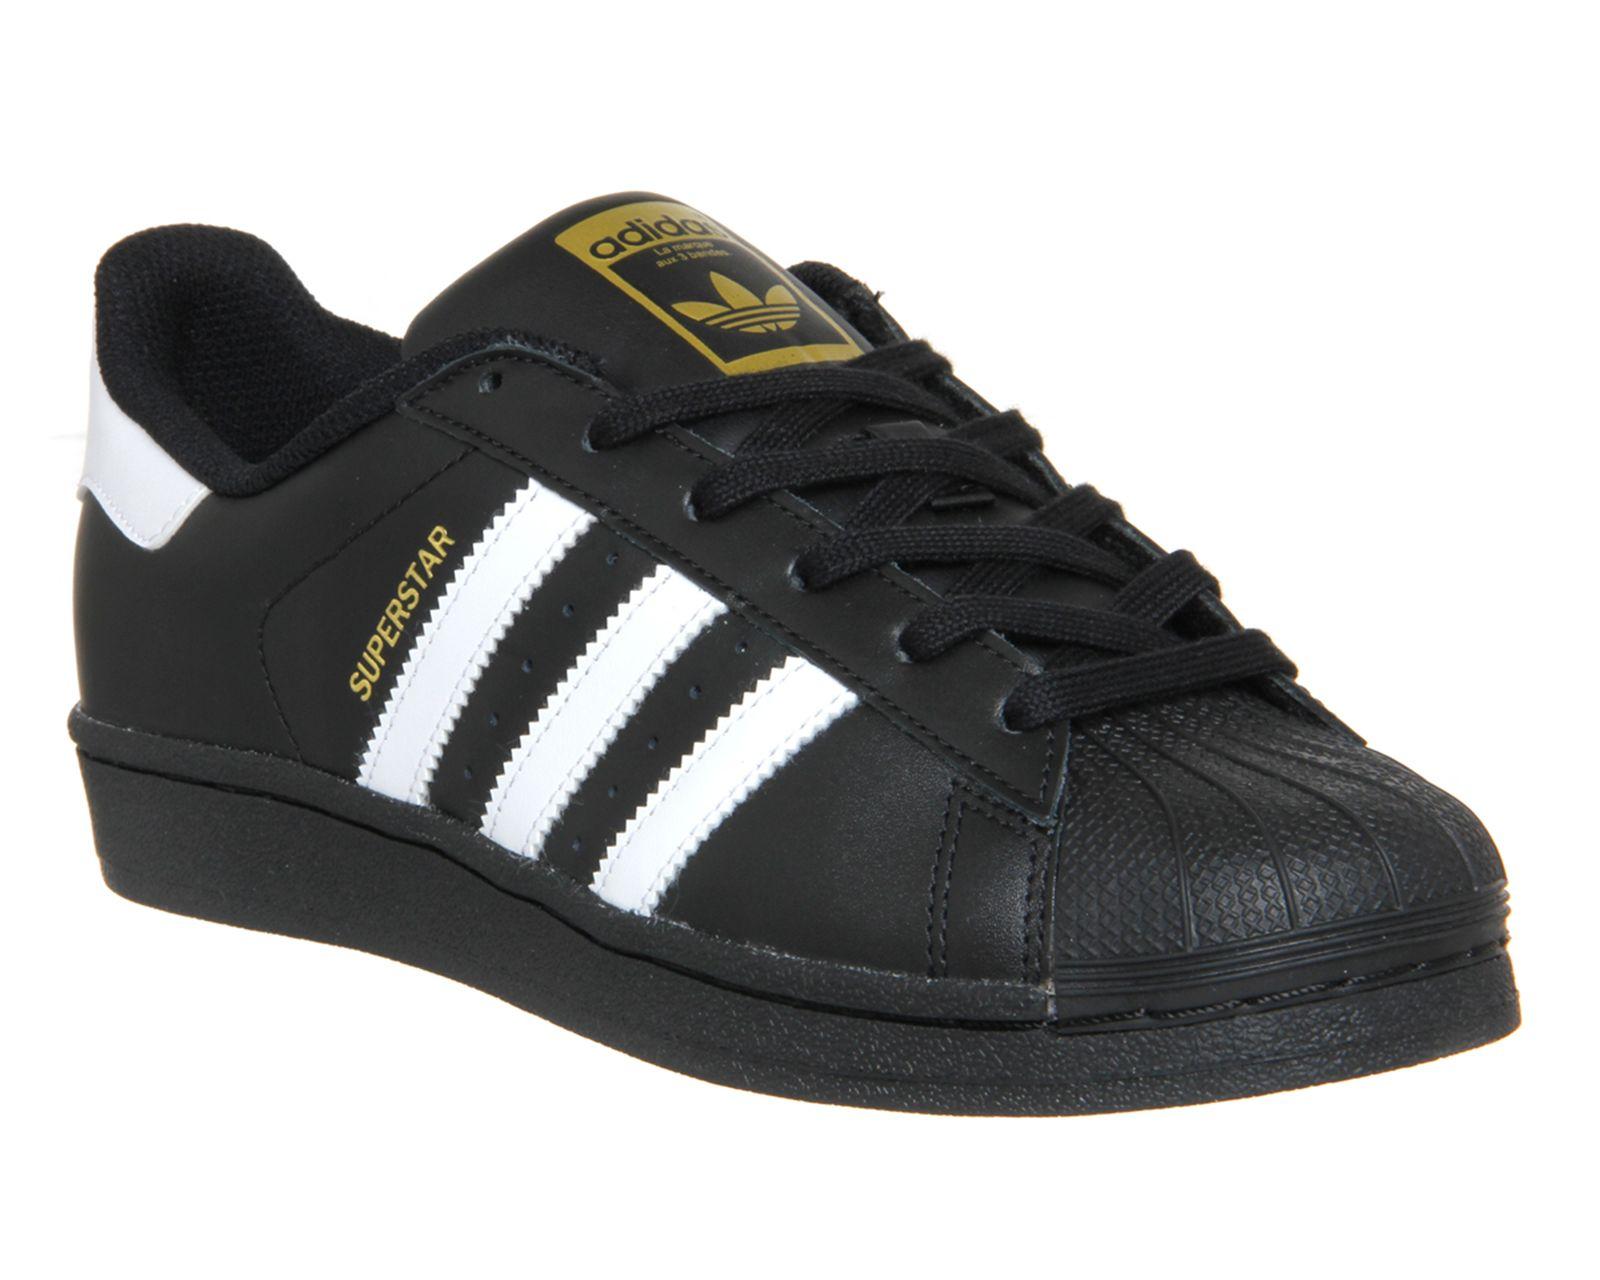 nett Adidas Superstar GS Black White Foundation Kids Trainers  Kostenloser Versand